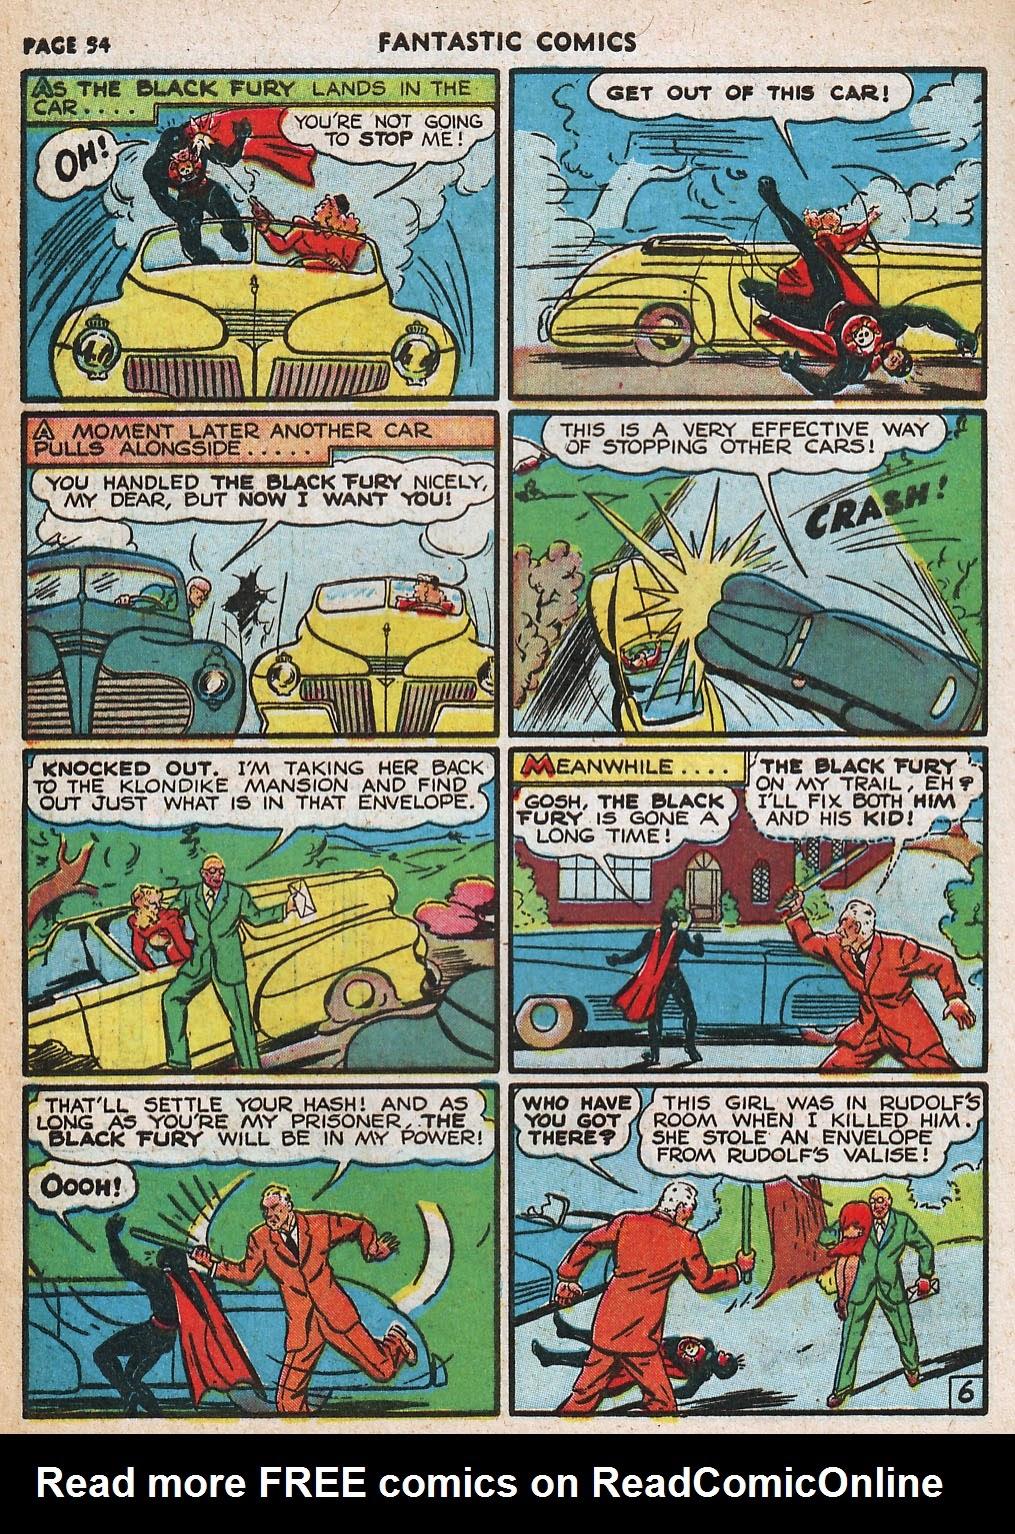 Read online Fantastic Comics comic -  Issue #20 - 54